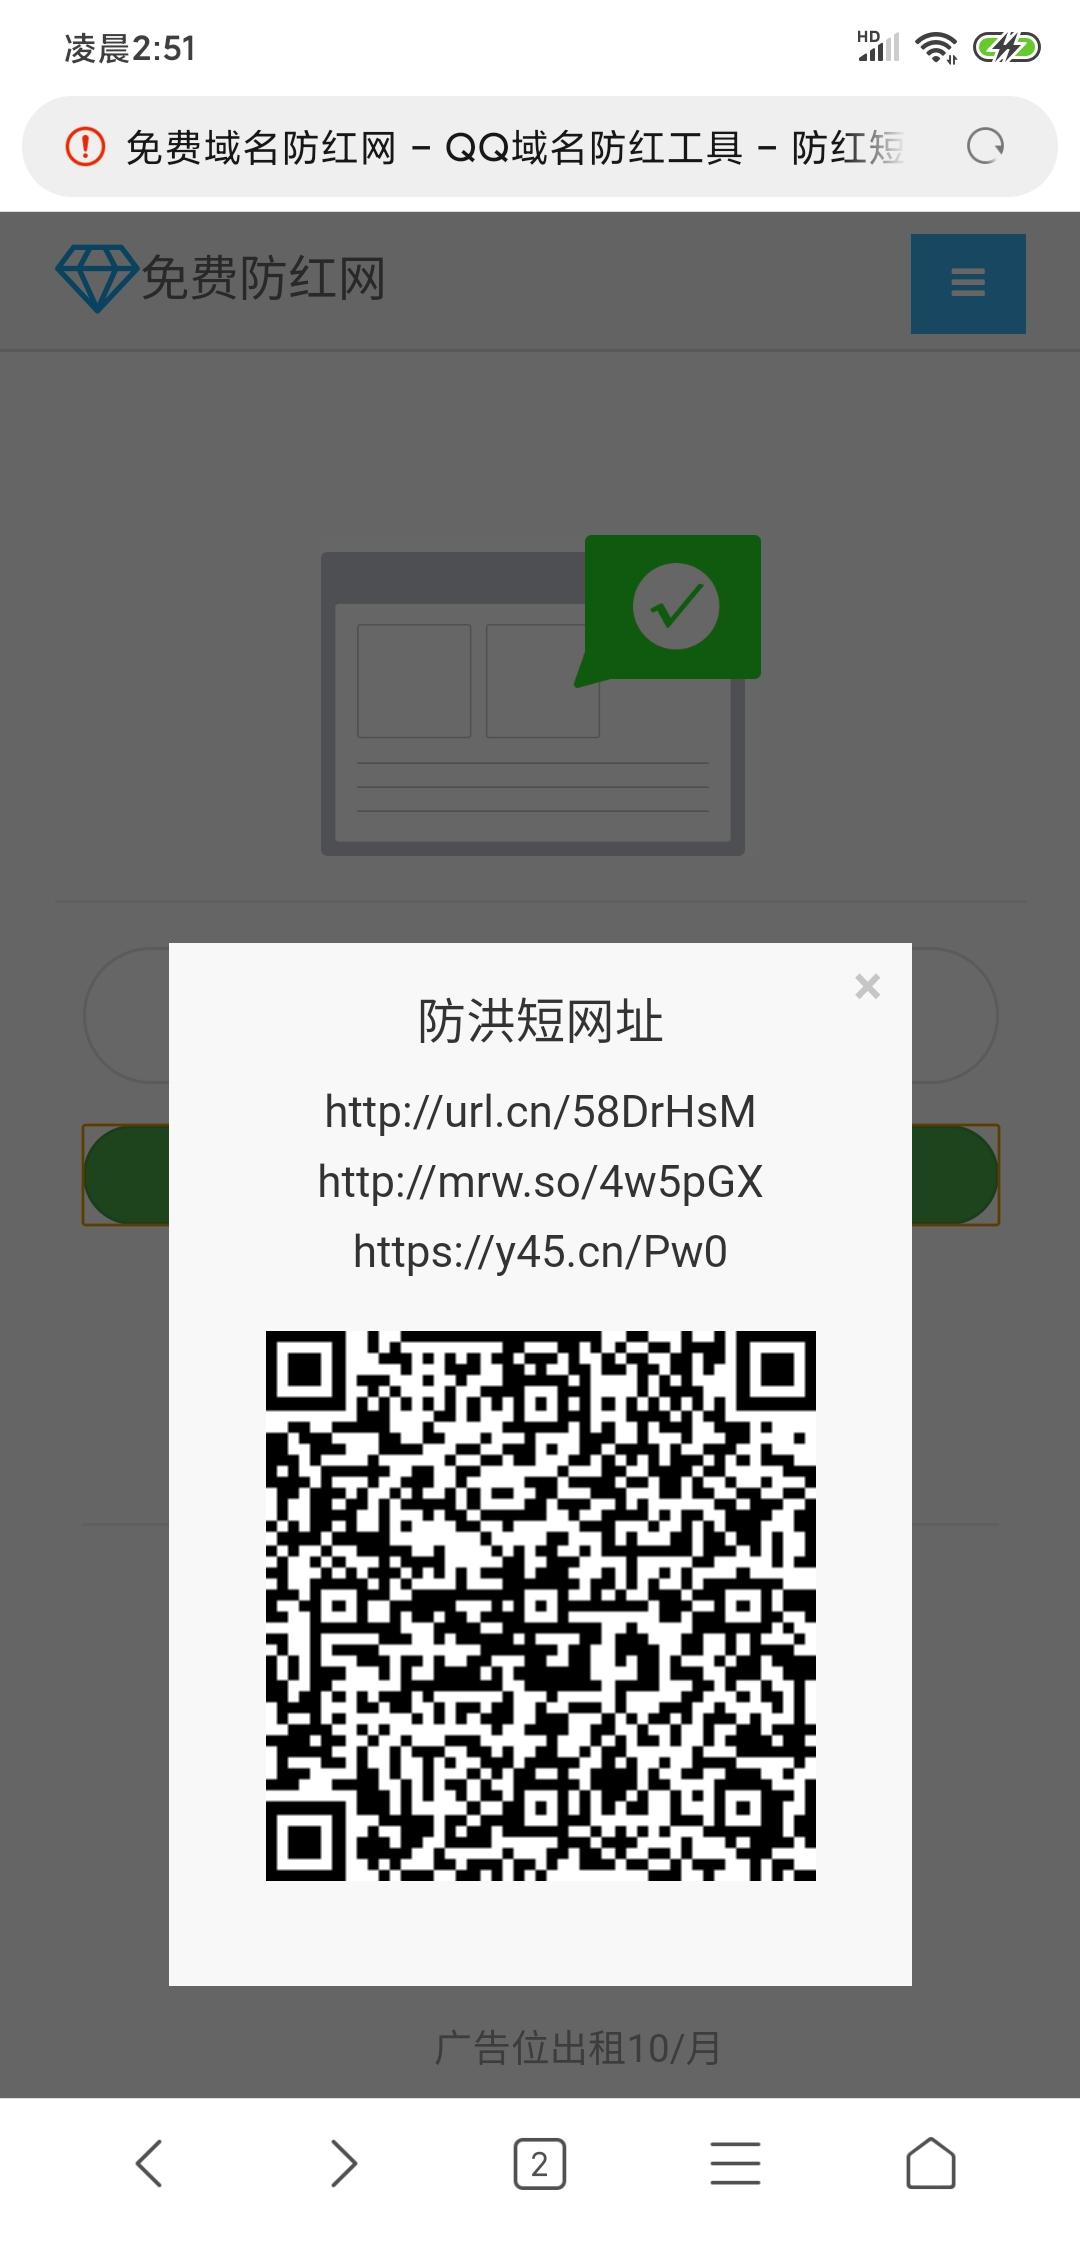 域名防红源码v1.02修复防洪二维码